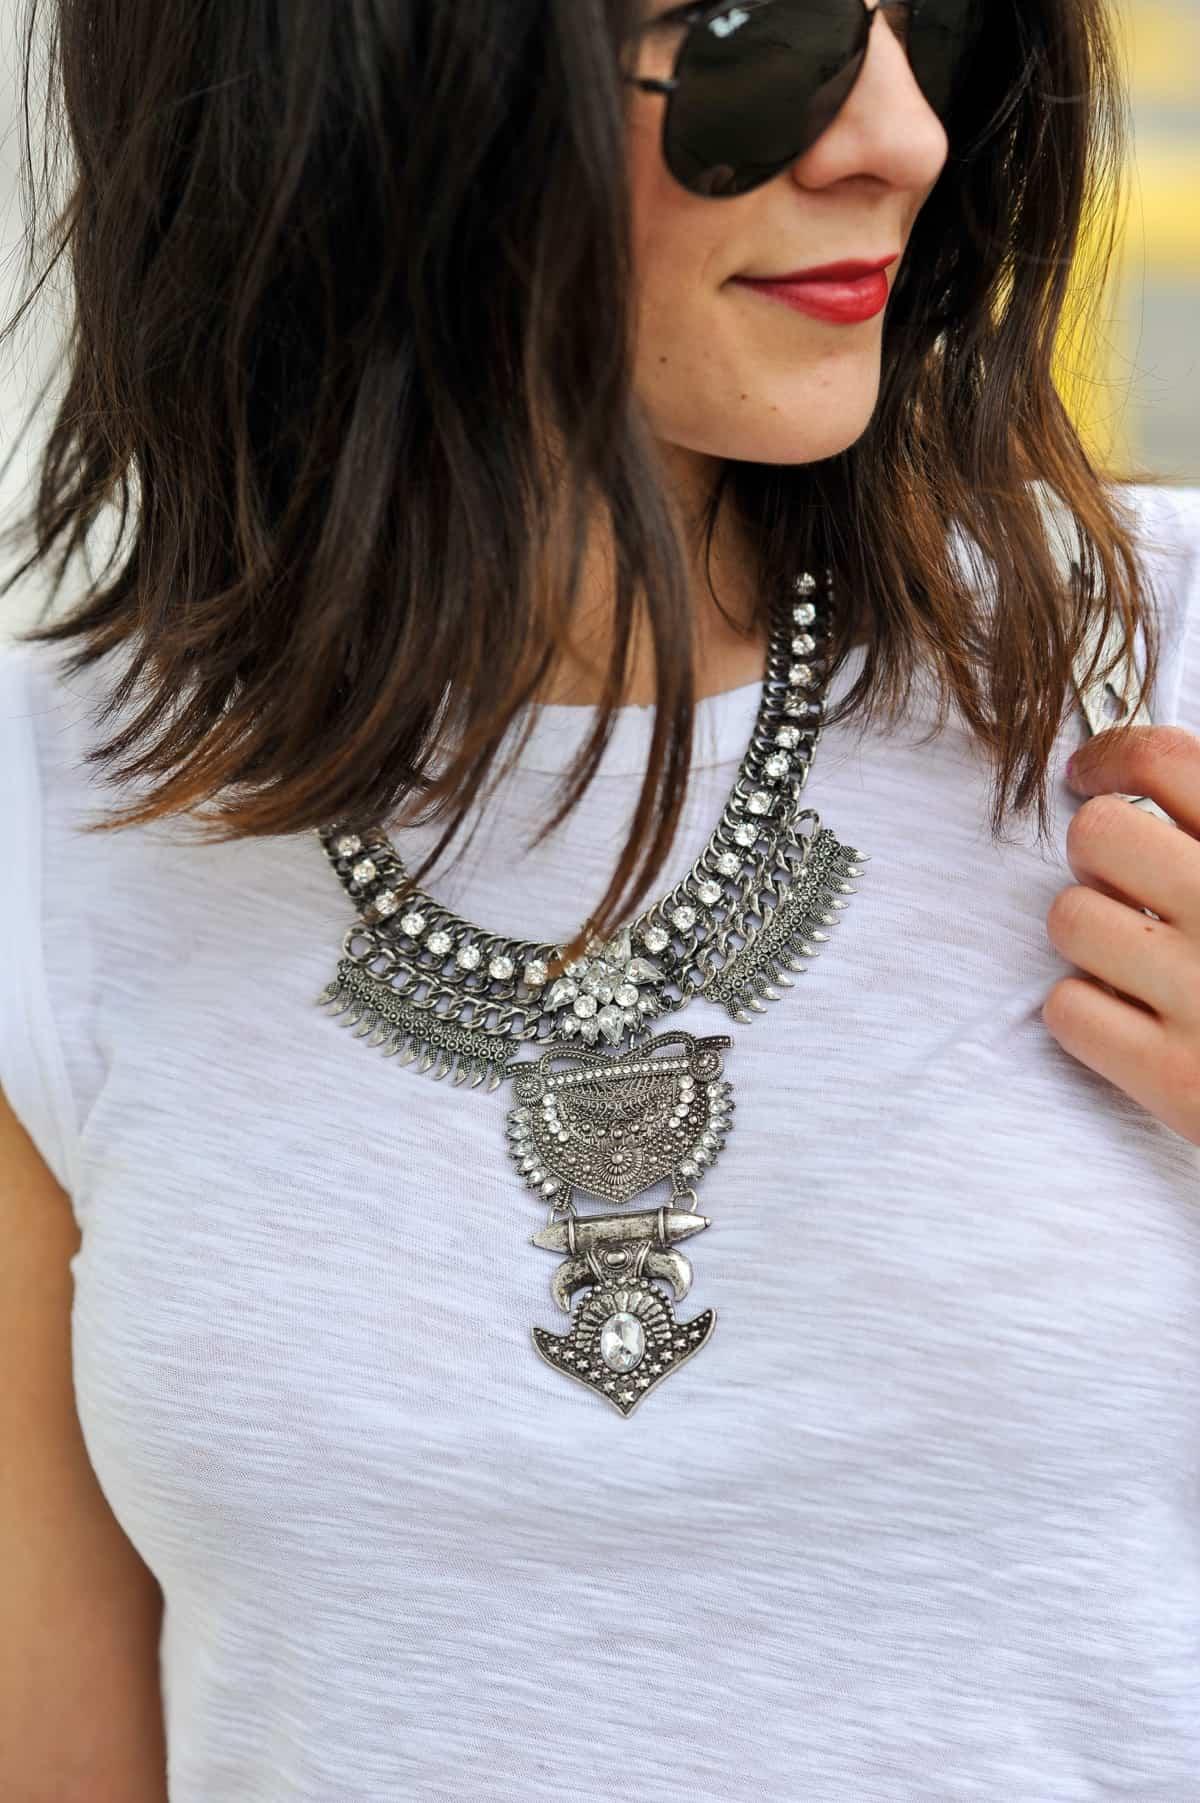 Statement Baublebar necklace